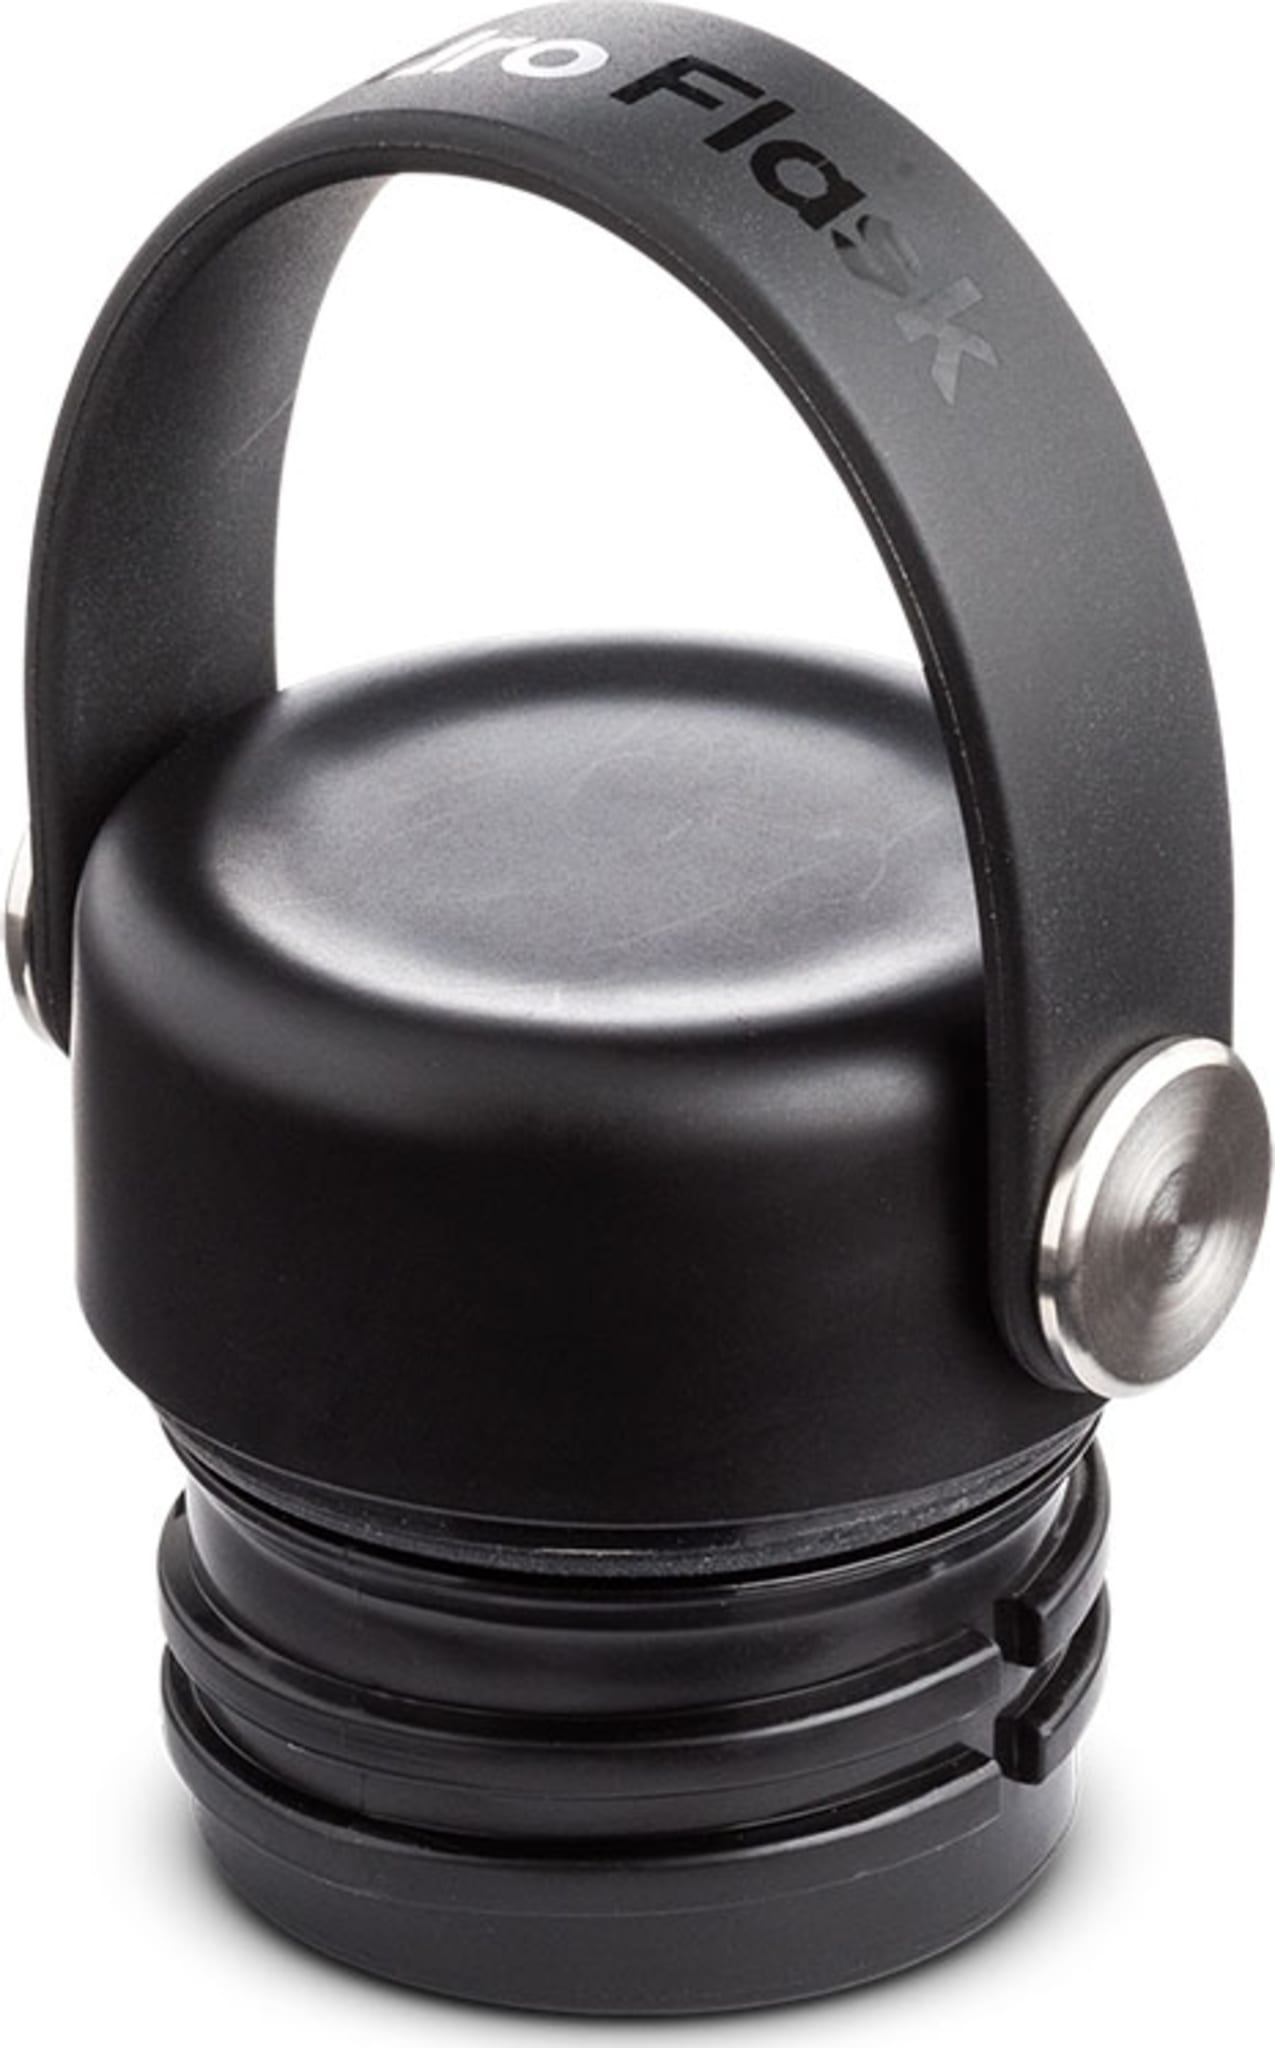 Standard reservelokk til Hydro Flask